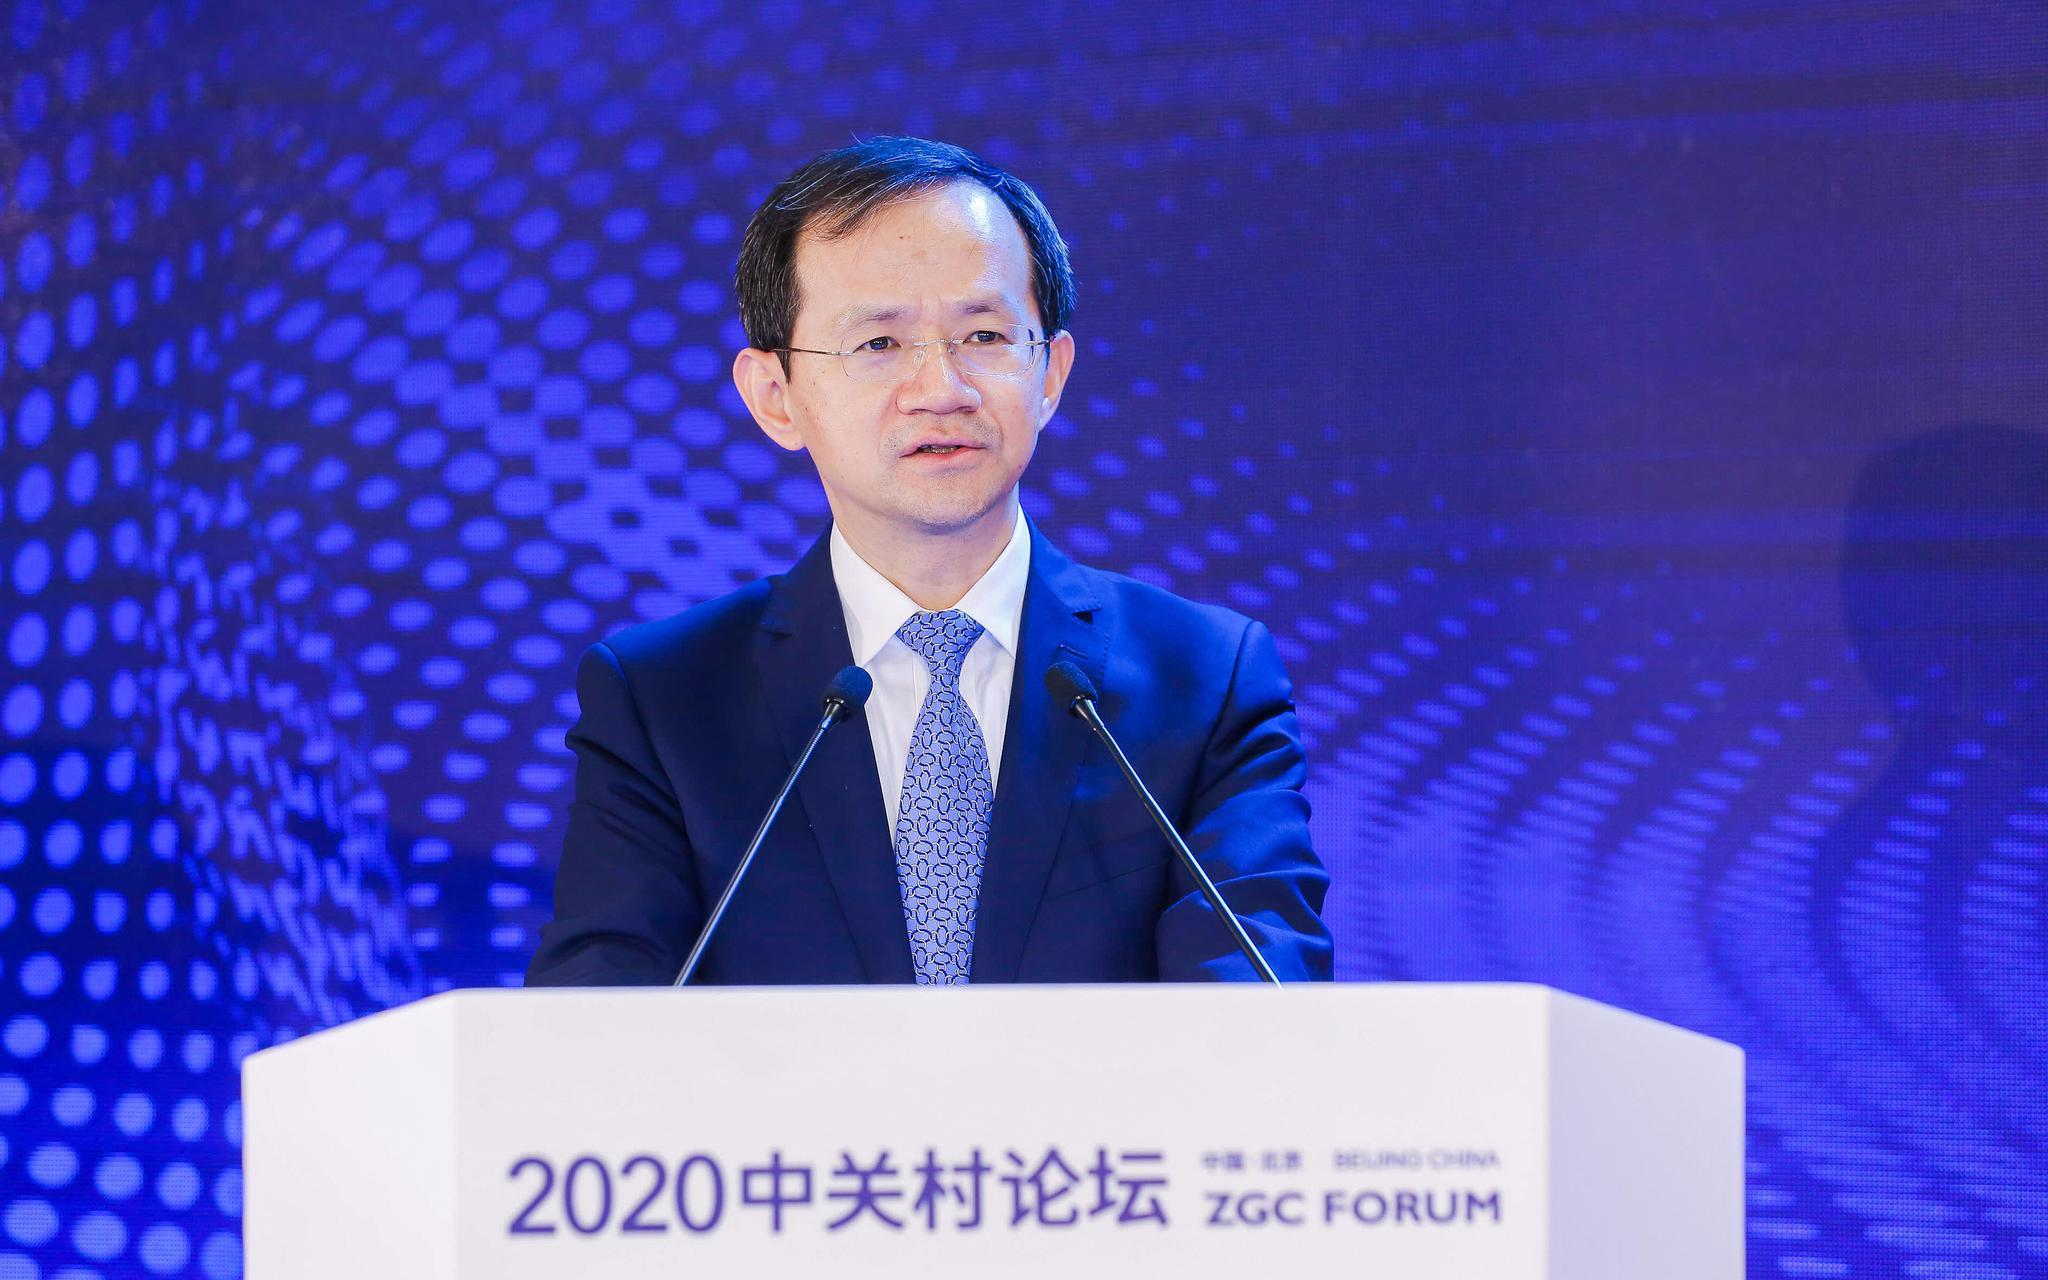 北京市副市长殷勇:将依托怀柔科学城等对标国际科技前沿图片